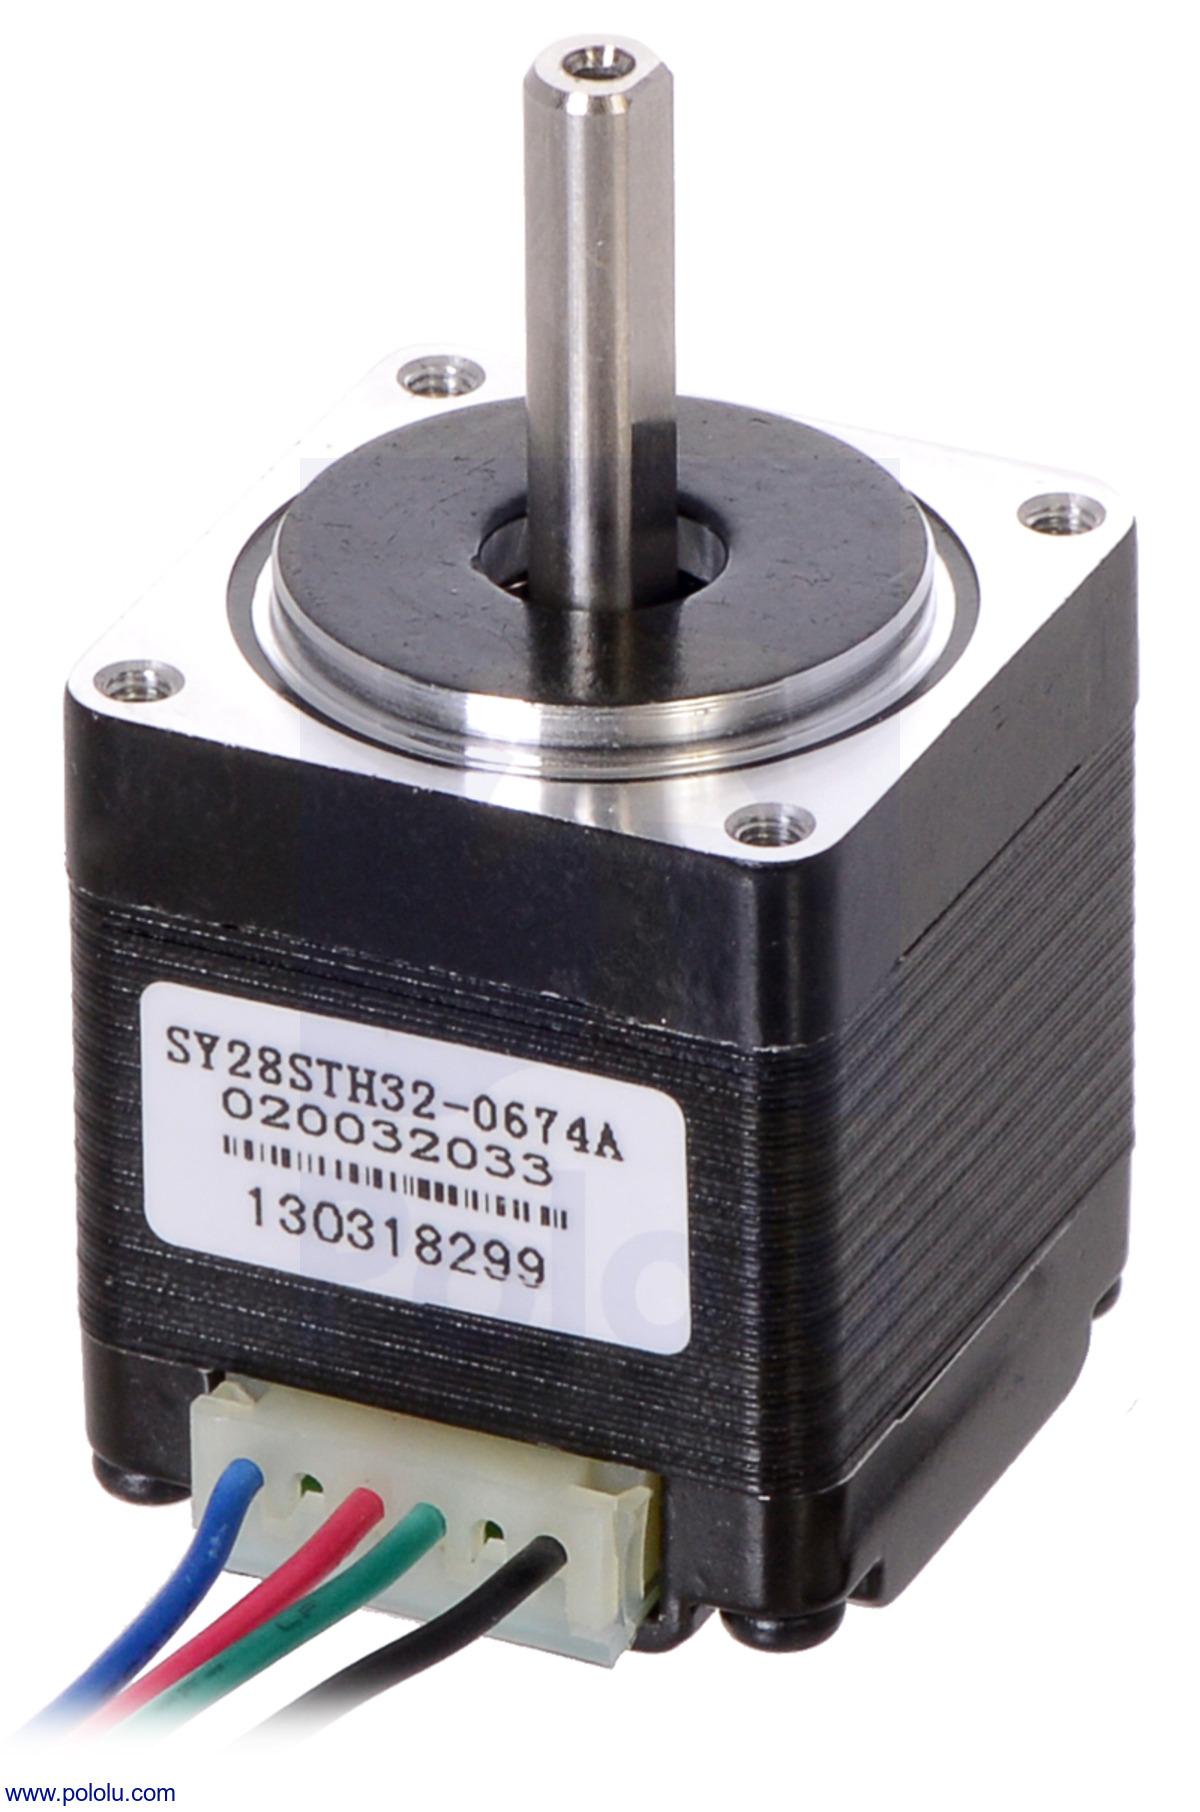 Pololu Stepper Motor NEMA 14 Bipolar 200 Steps//Rev 35×26mm 7.4V 0.28 A//Phase